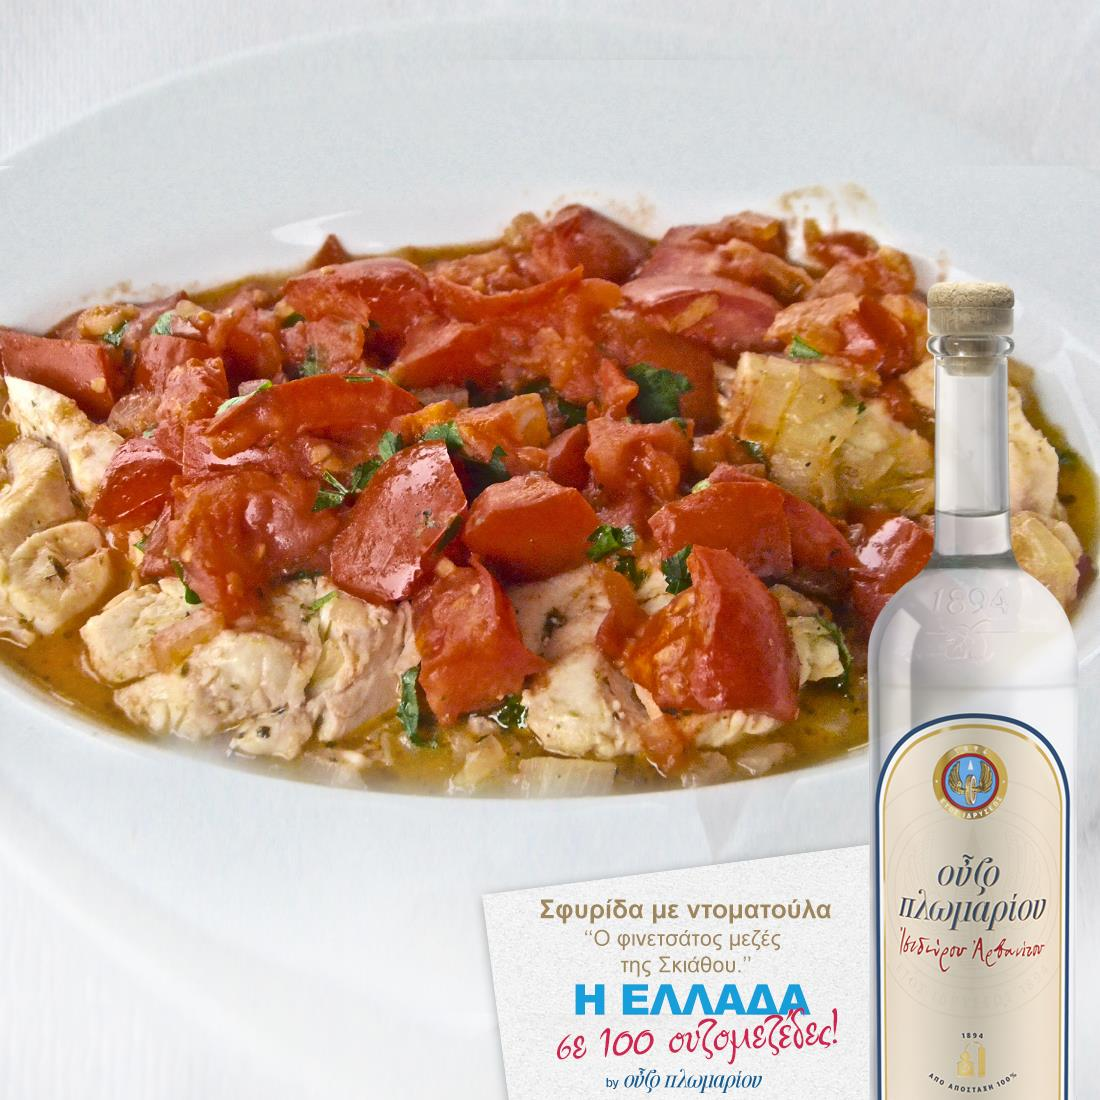 Σφυρίδα με ντοματούλα - Ουζομεζέδες - Greek Gastronomy Guide